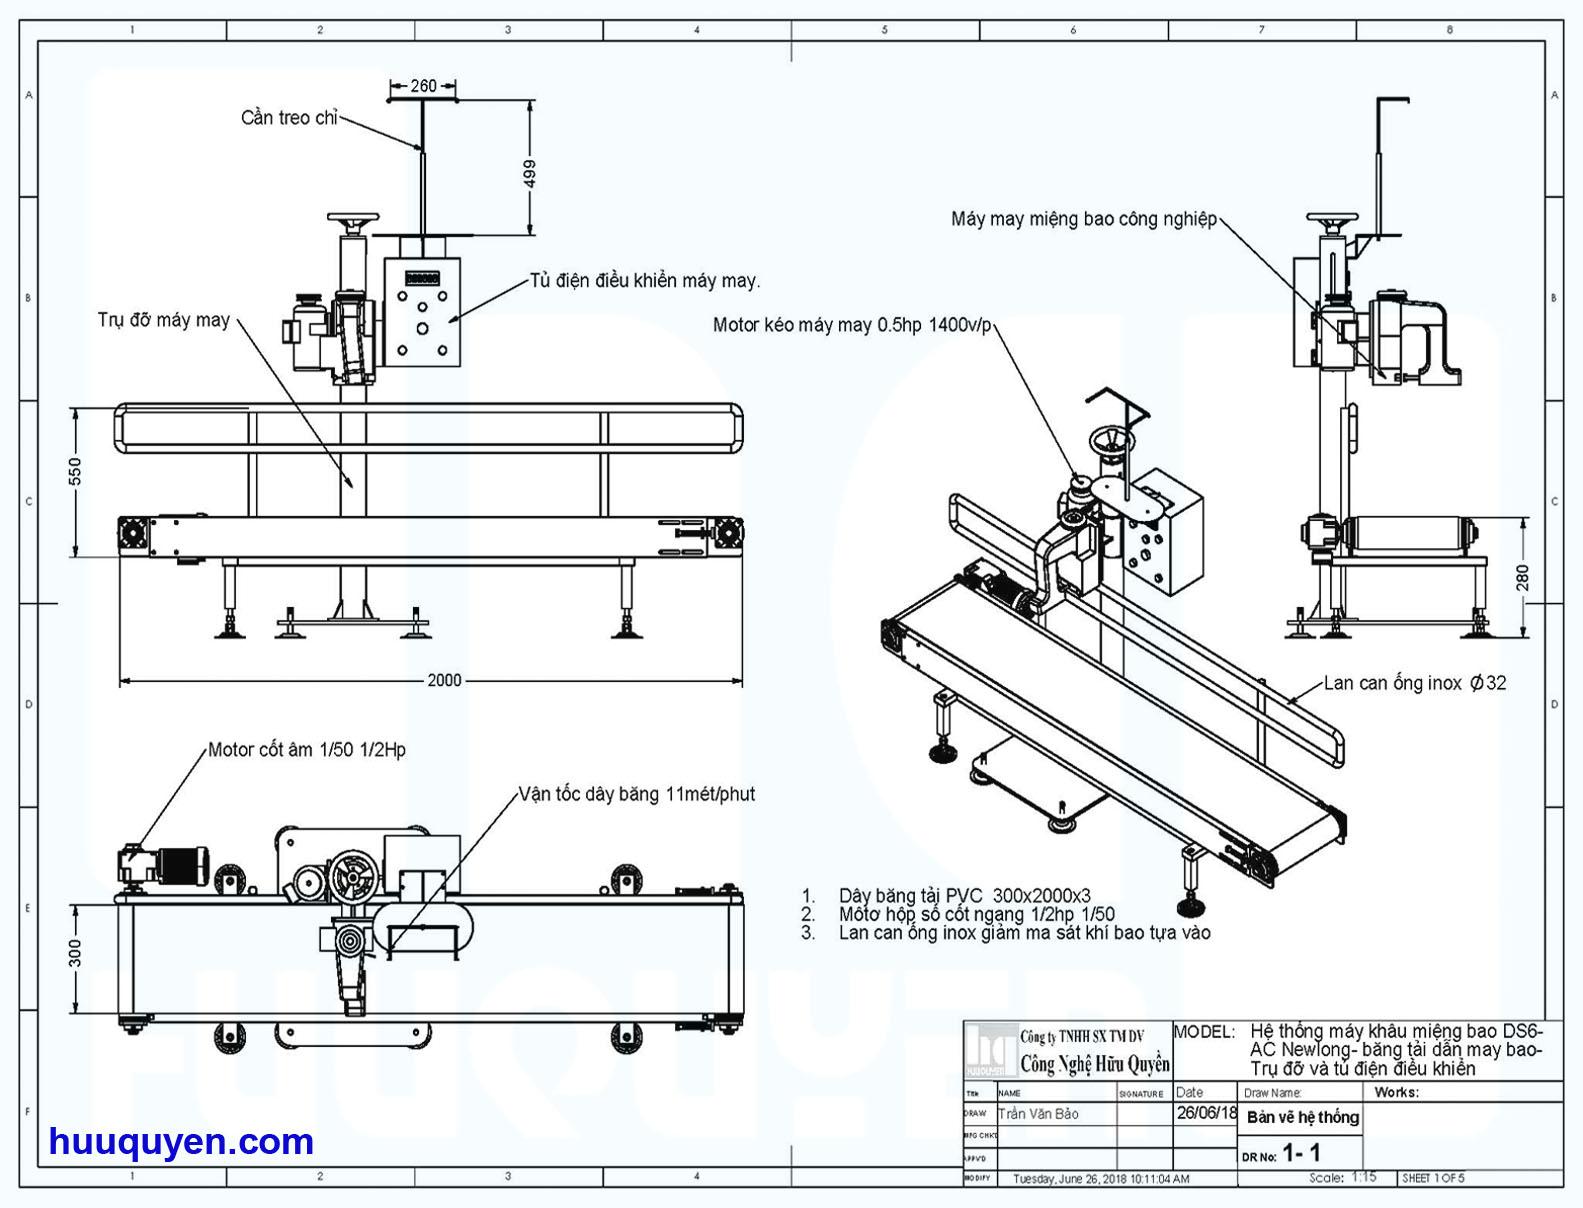 Thông số kích thước hệ thống băng tải trụ đỡ tủ điều khiển may bao công nghiệp